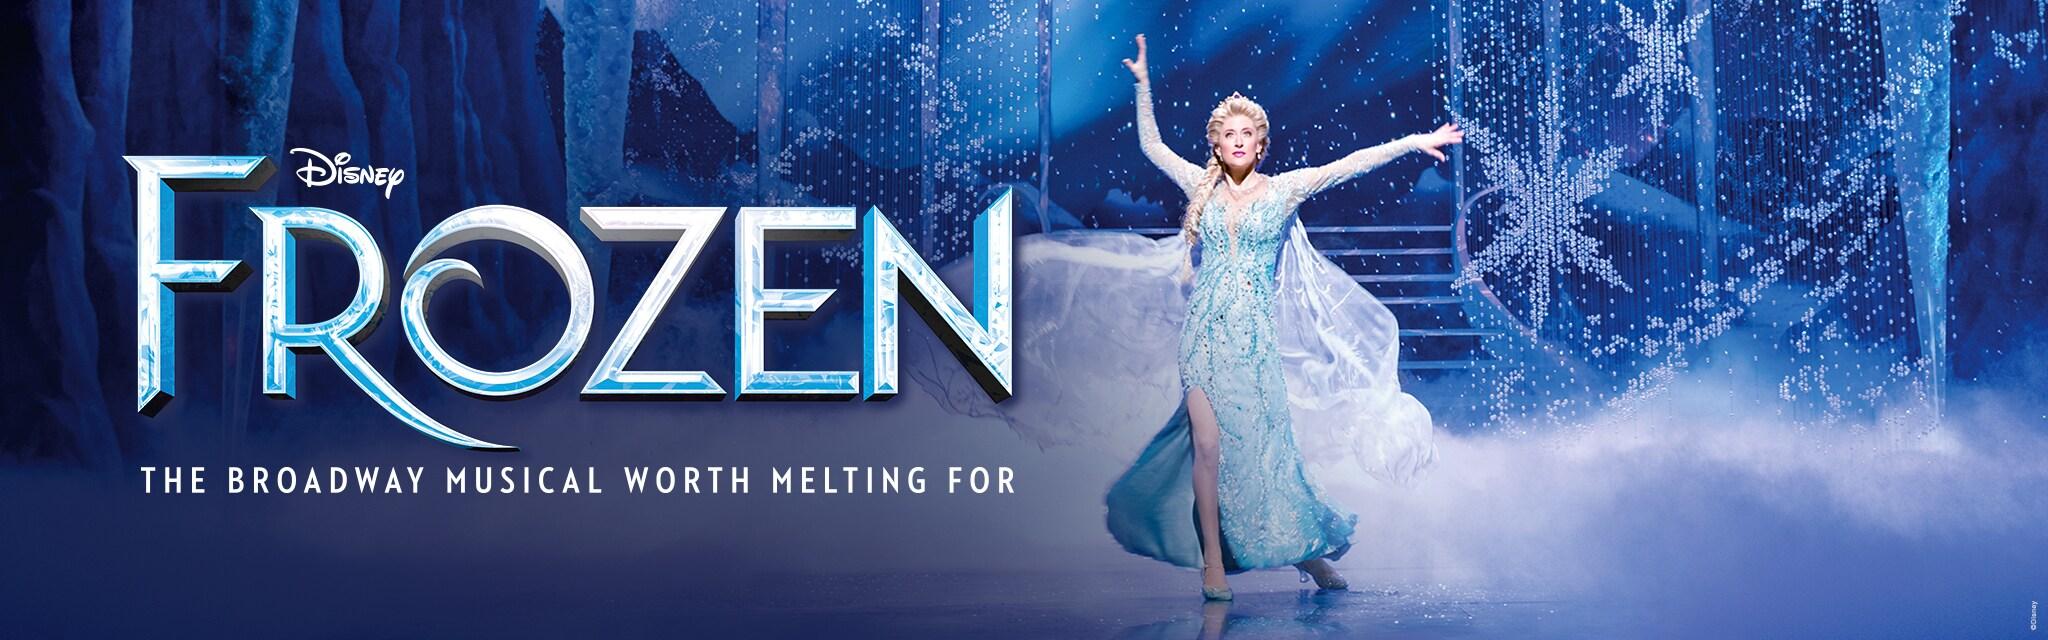 Disney on Broadway - Frozen